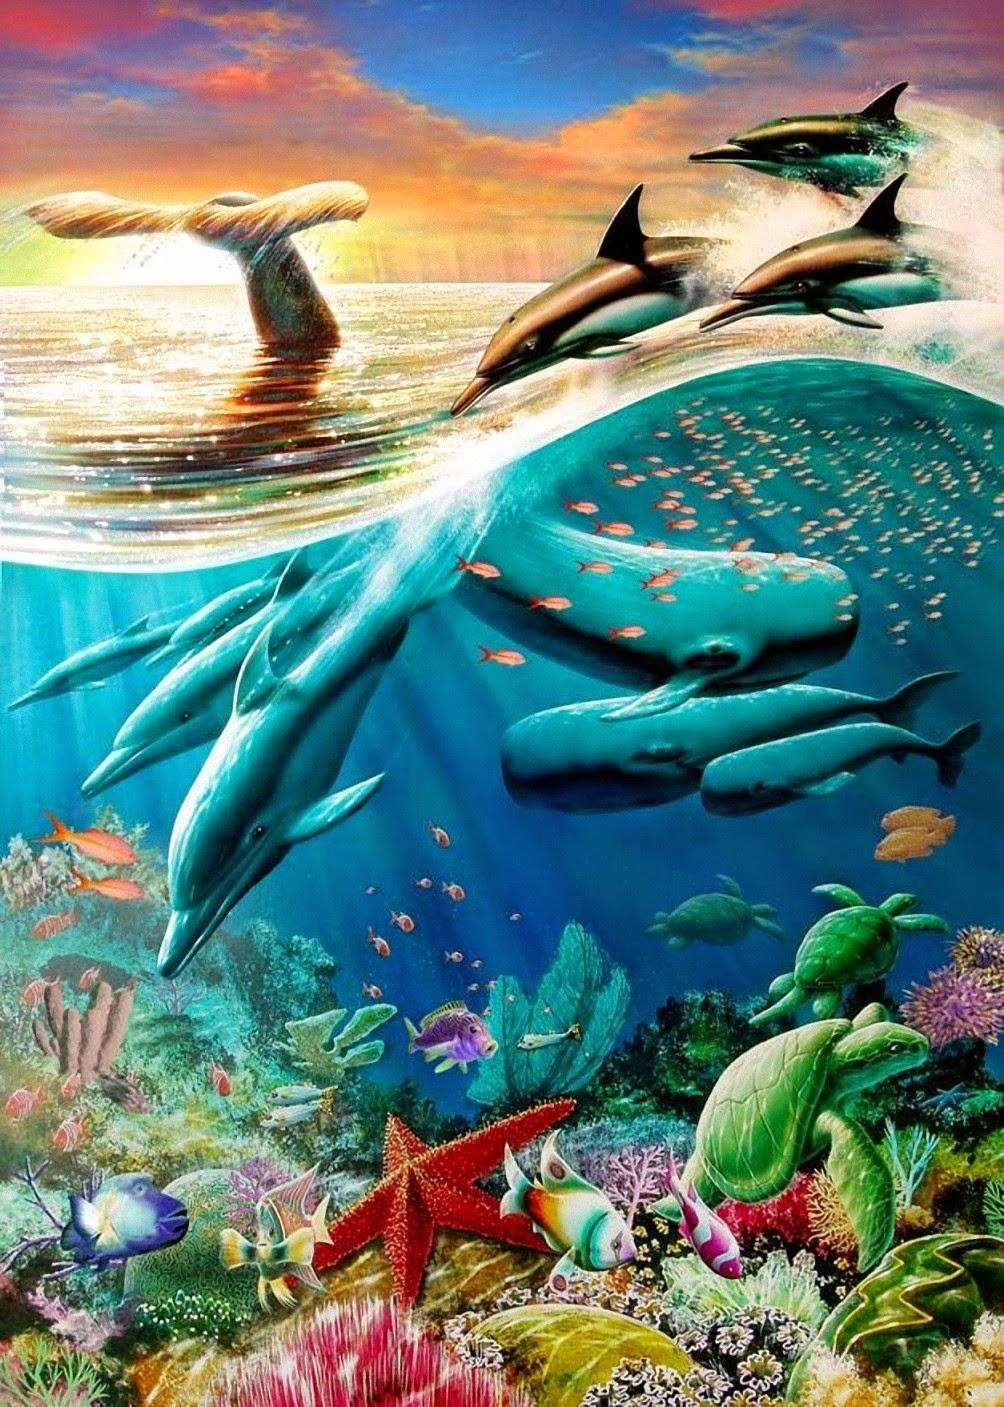 Ditulis Oleh : seni rupa | Title: 30 Underwater Adrian Chesterman